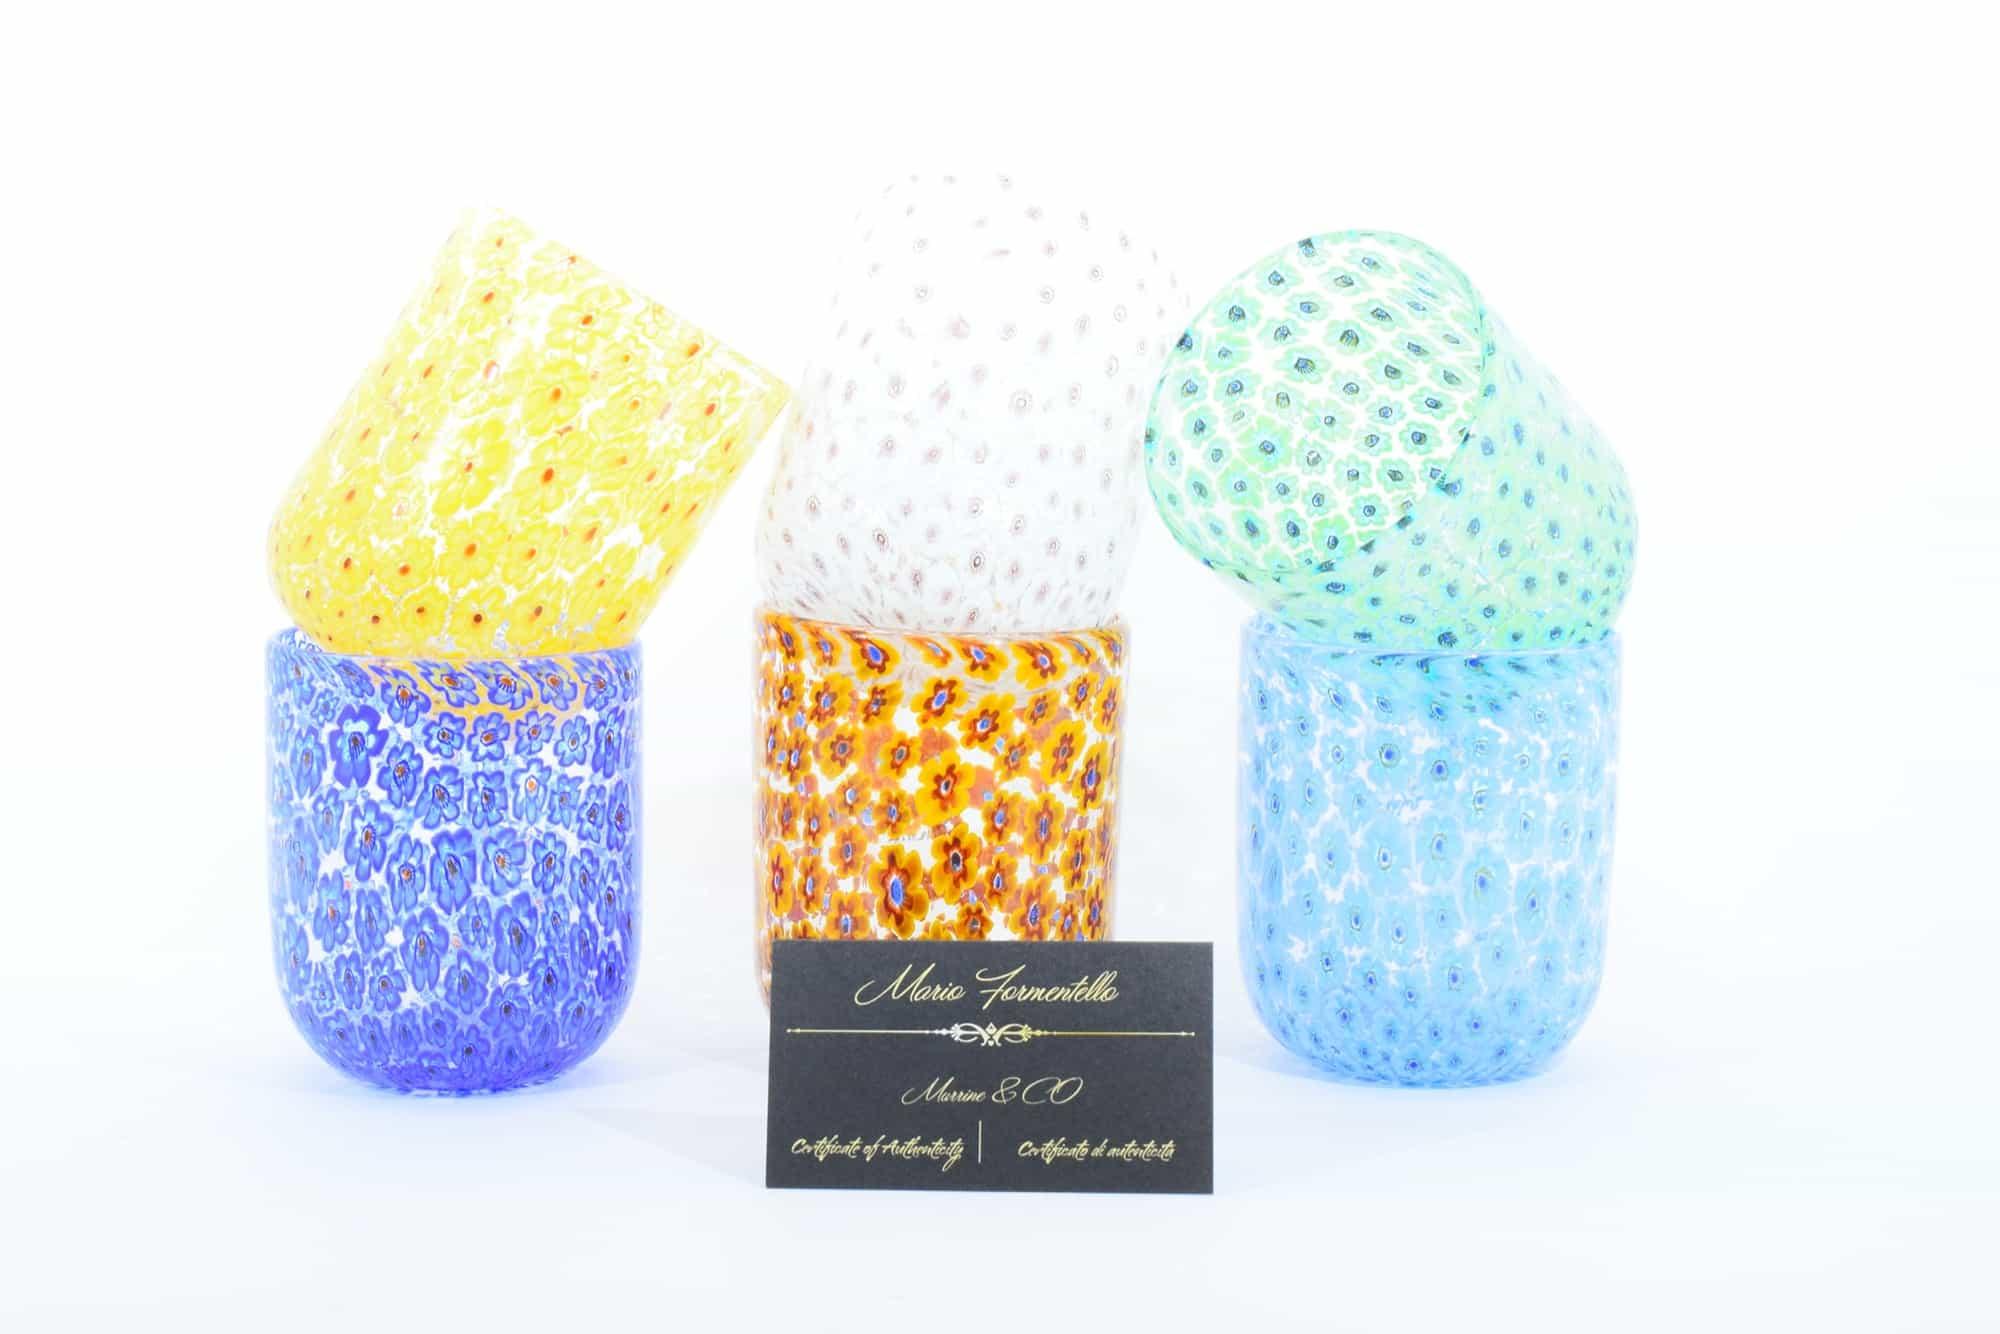 Набор бокалов из муранского стекла с муррином (Art. 36091)